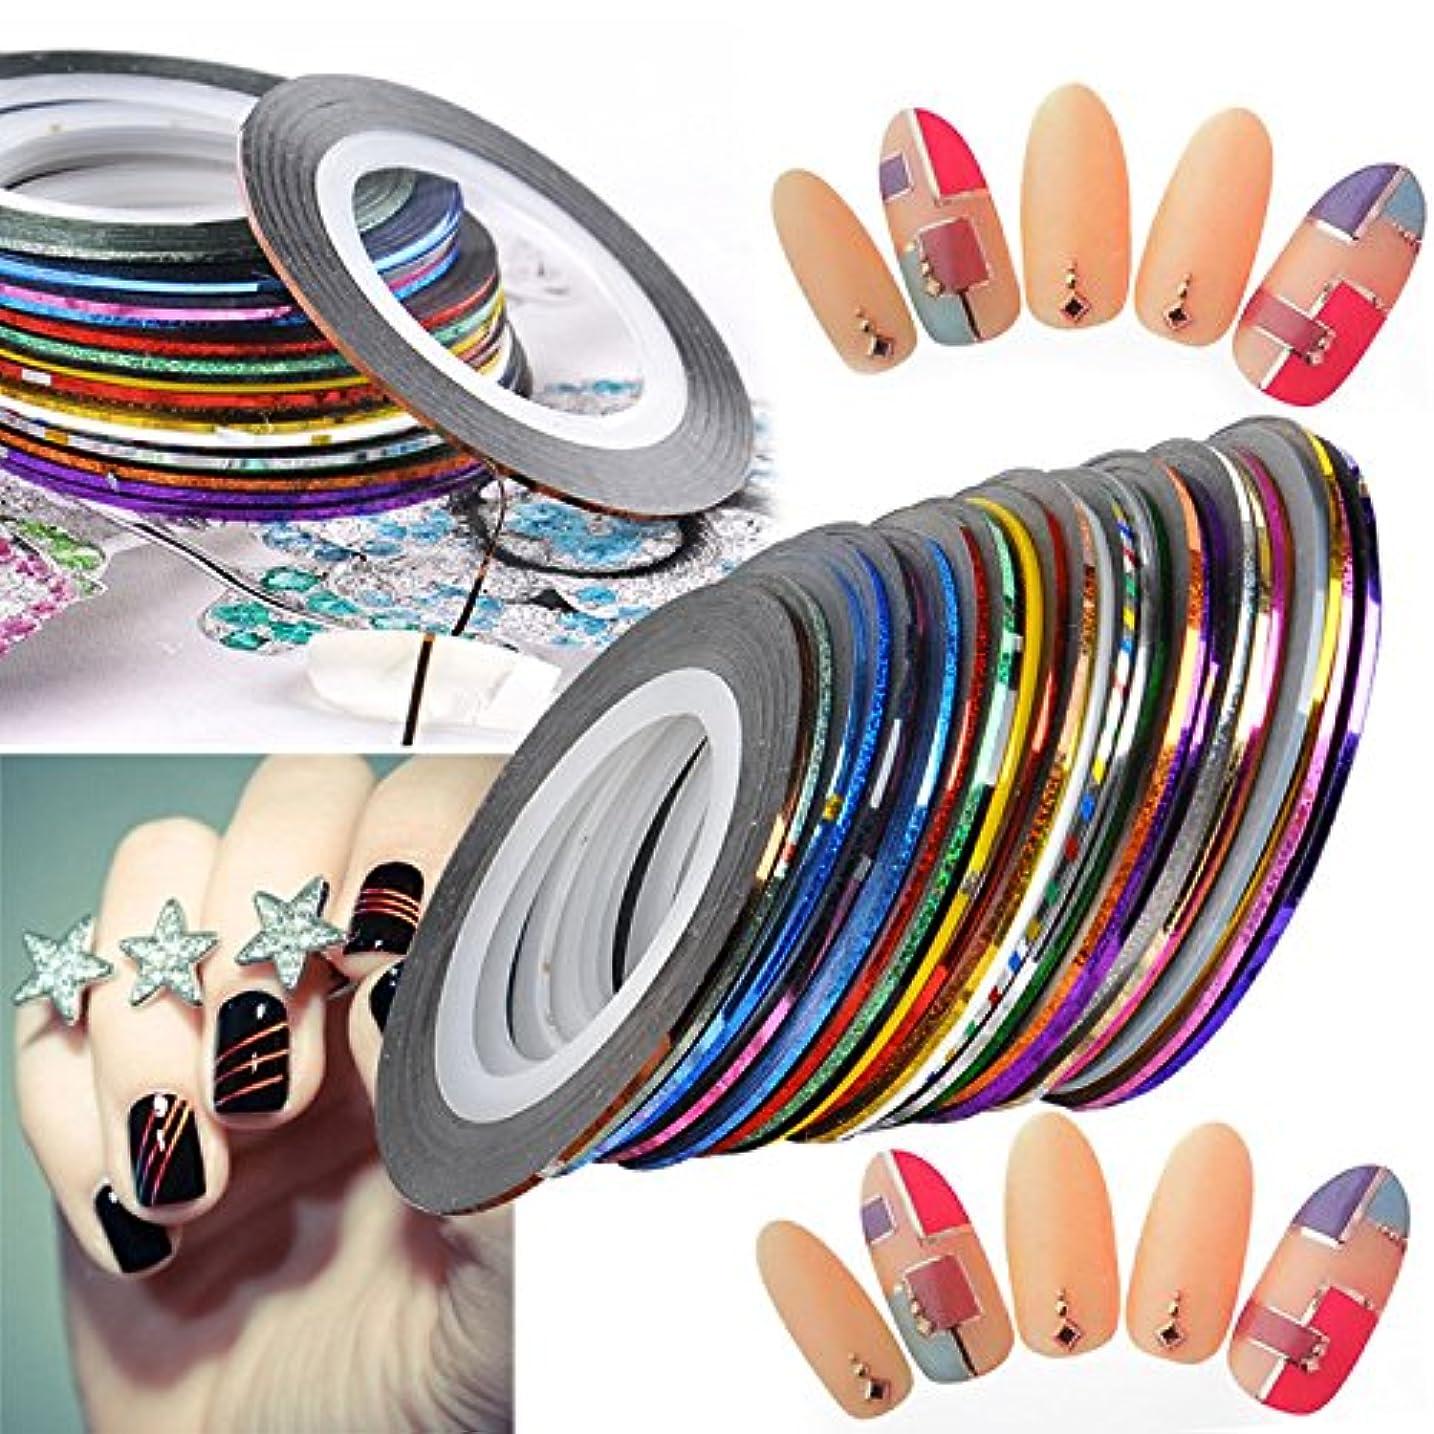 パシフィック売り手槍ネイルアート用 ラインテープ 爪 飾り用品 カラフル 綺麗 ラインアートテープ 30種セット